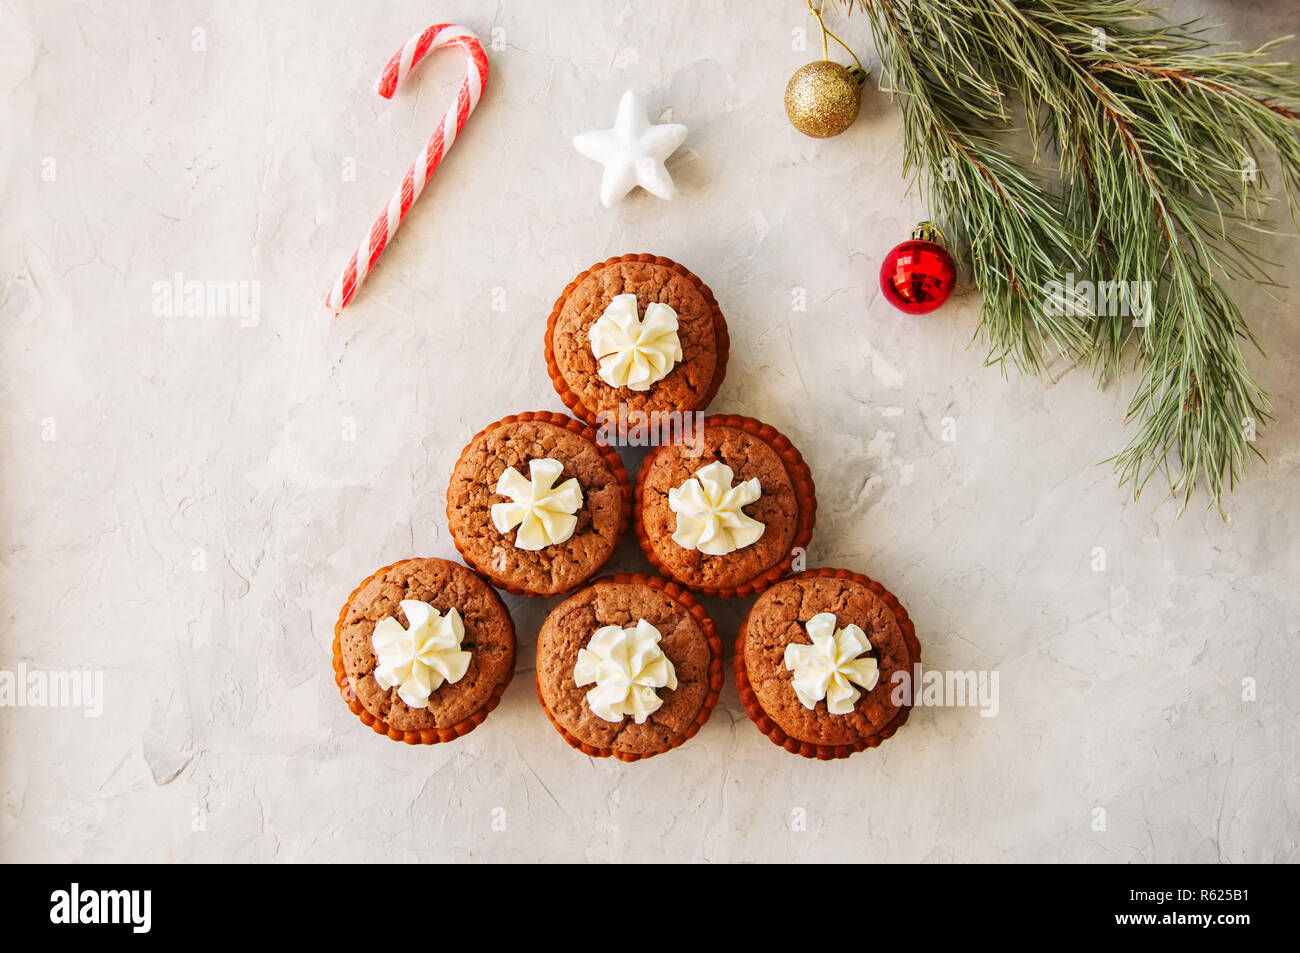 Brownie min Torten auf einem weißen Hintergrund. Festliches dessert Konzept Stockbild